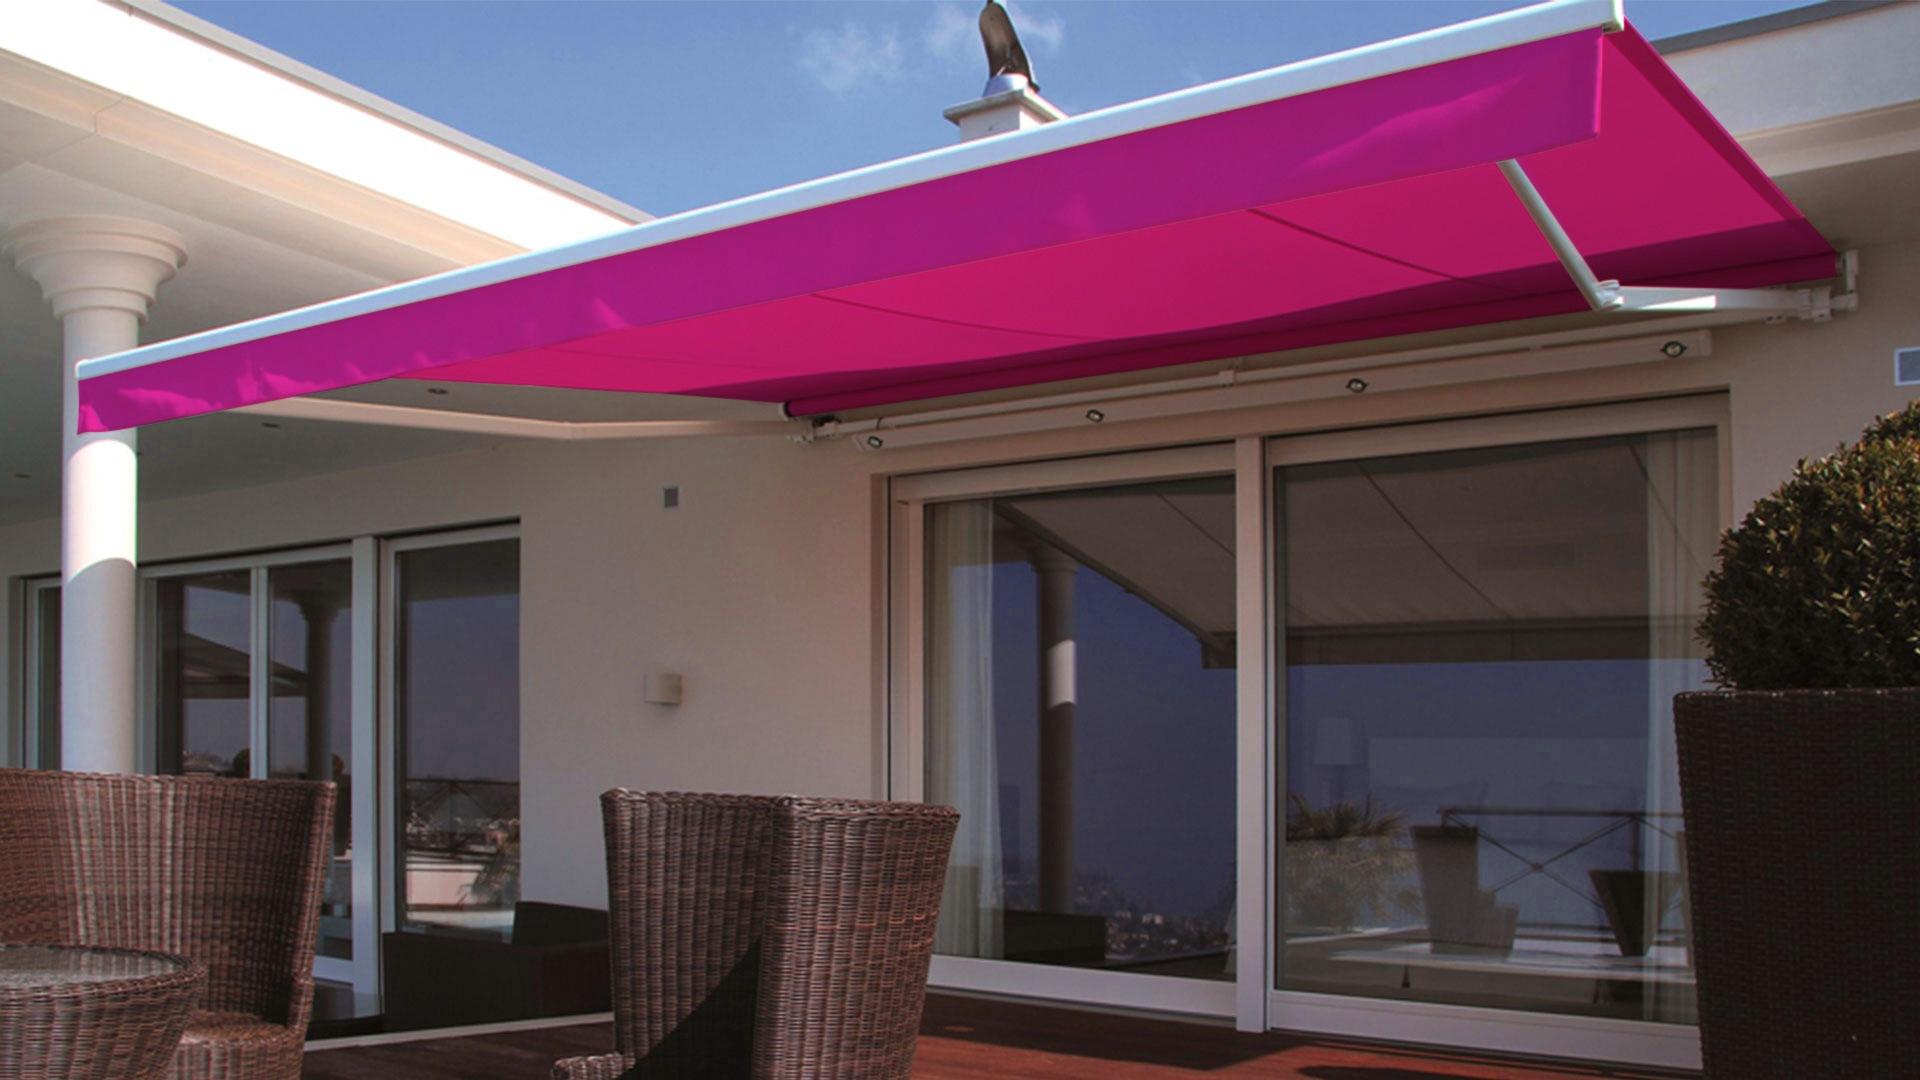 zanker ladina 01 - Sonnenschutz für Balkon und Terrasse